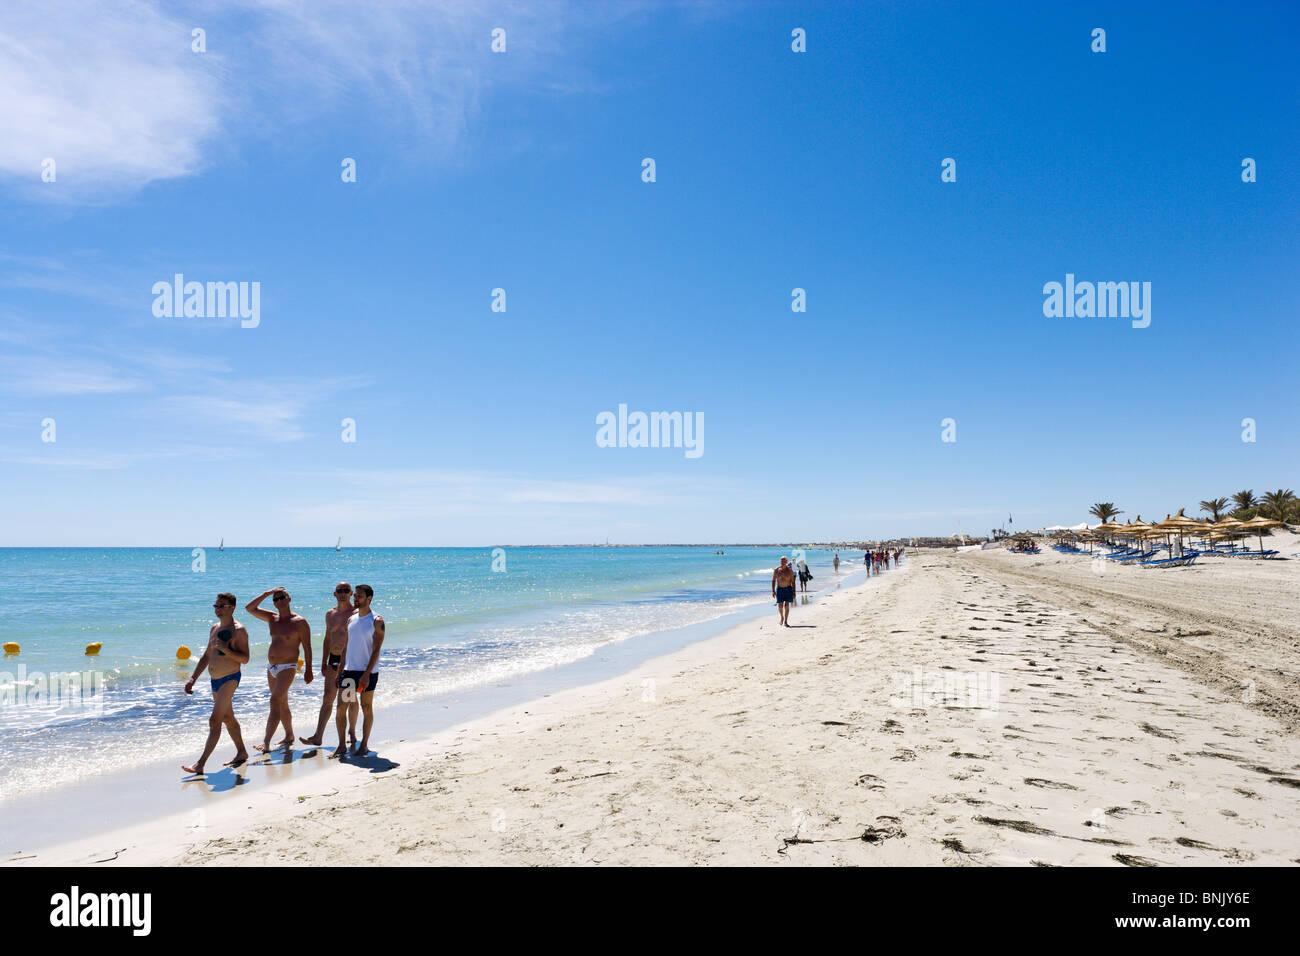 Hotel de playa en la zona cercana al Hotel Club Caribbean World, Aghir en Djerba, Túnez Imagen De Stock